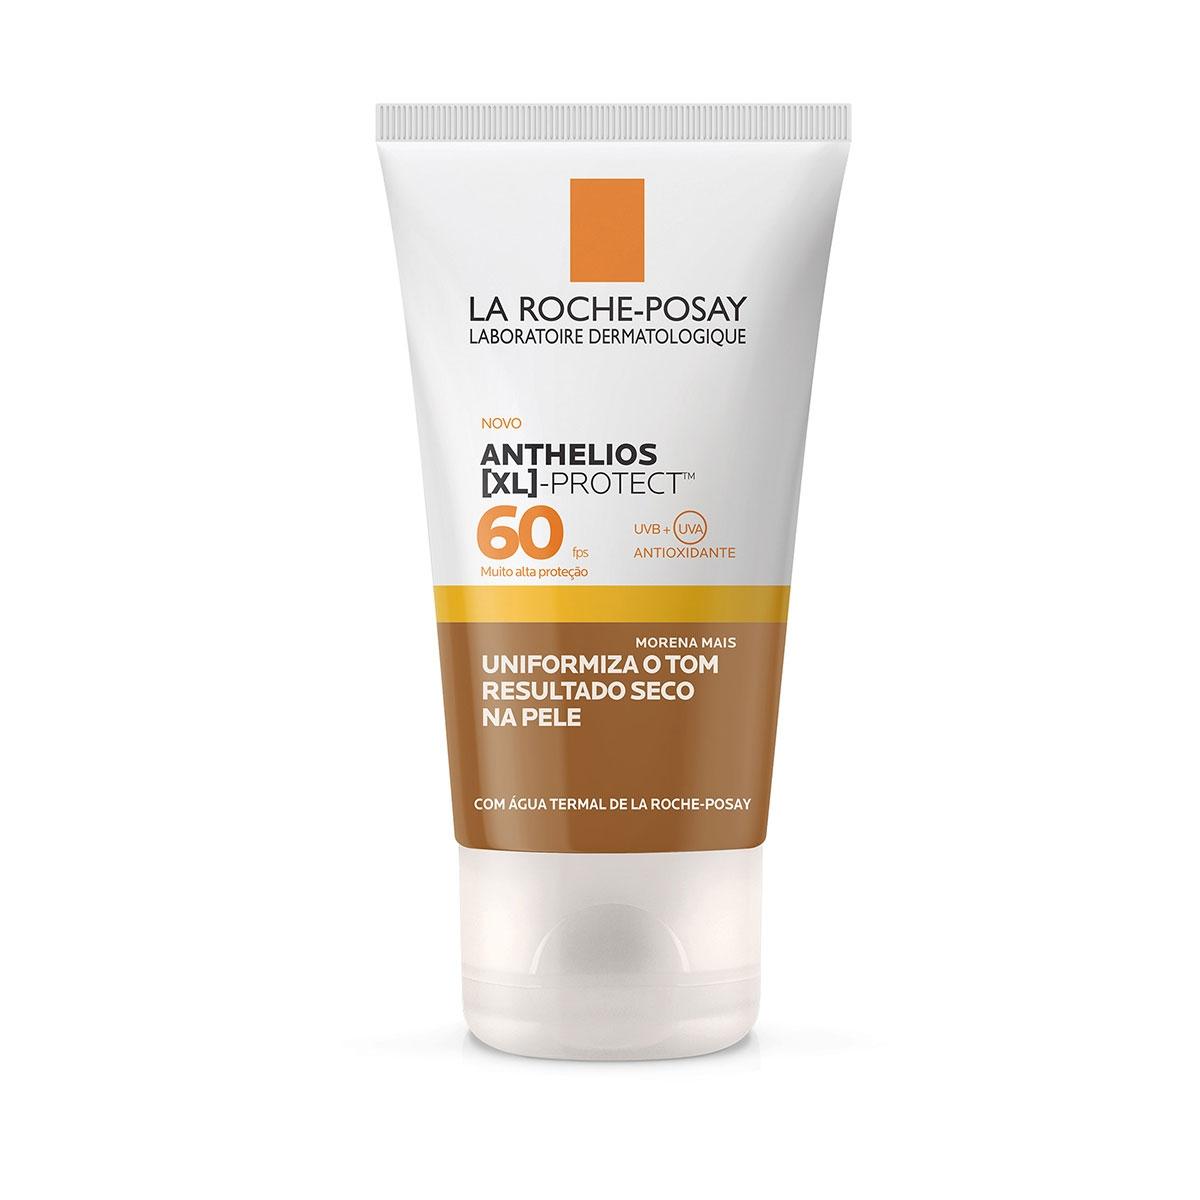 Protetor Solar Facial Anthelios XL Protect Cor Morena Mais FPS60 La Roche-Posay 40g